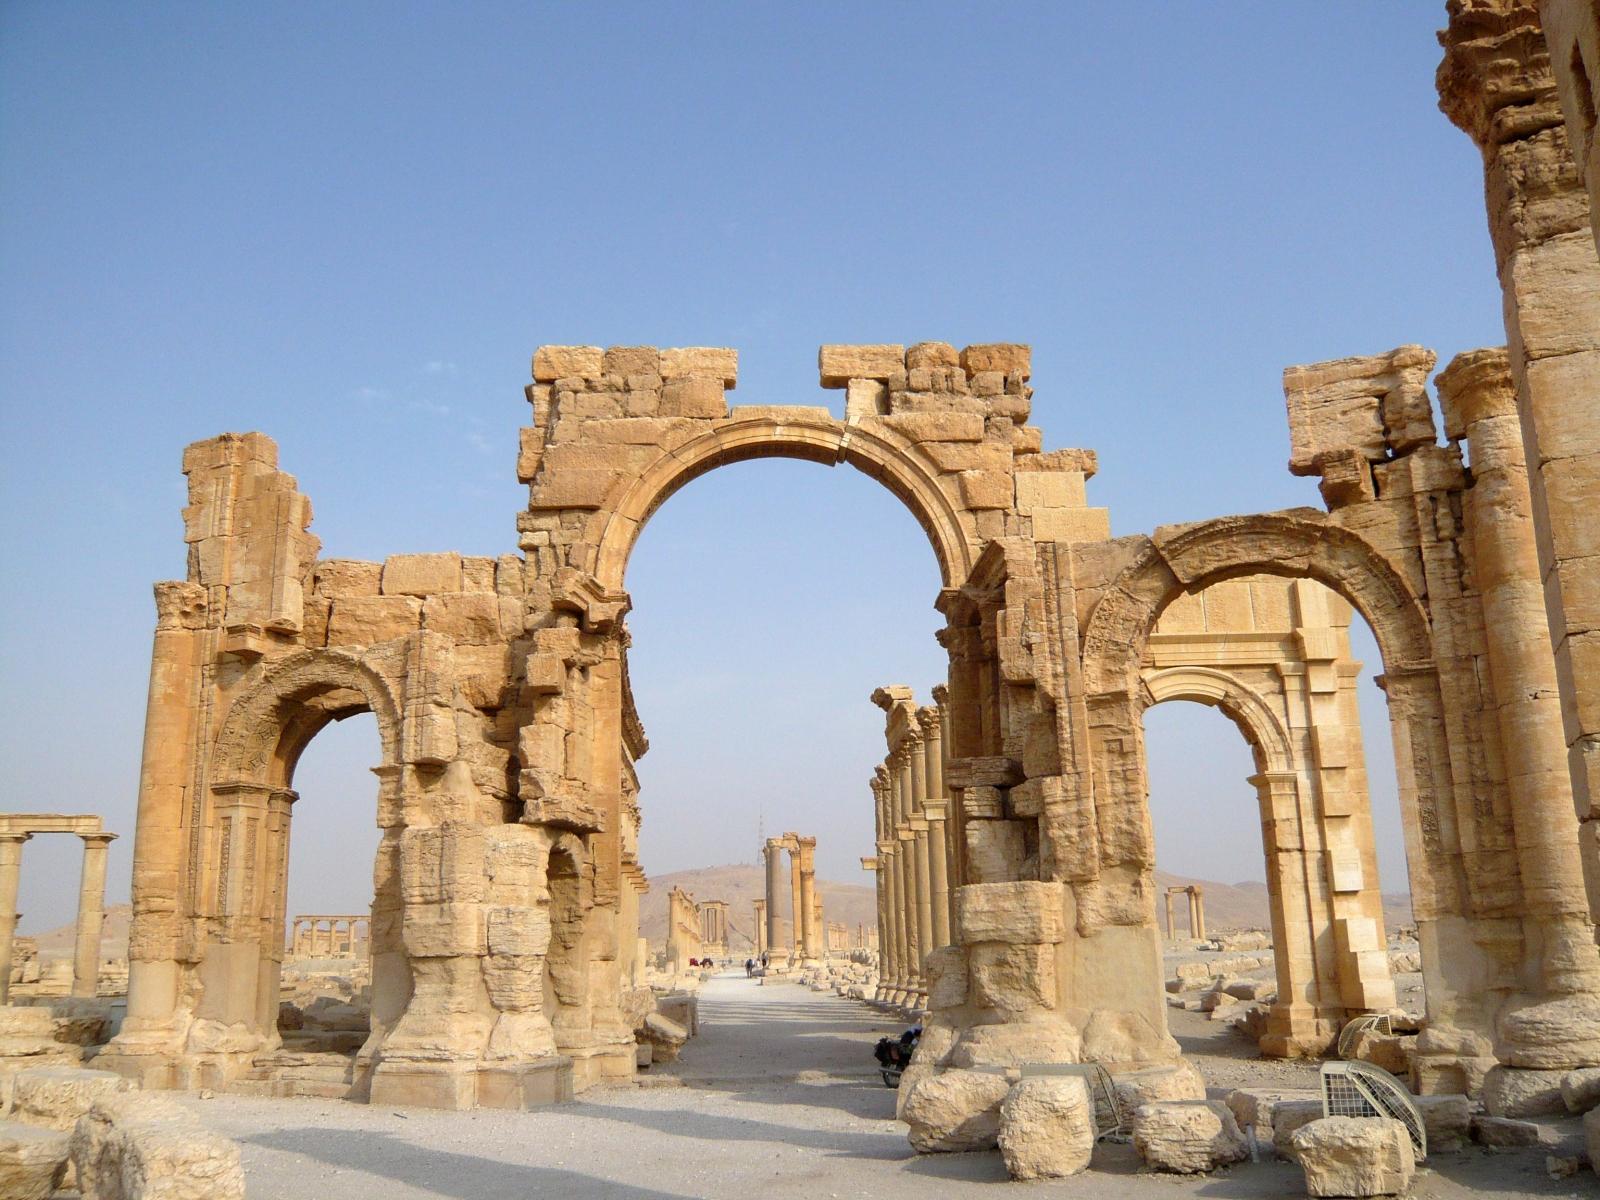 Syrian Arch of Triump